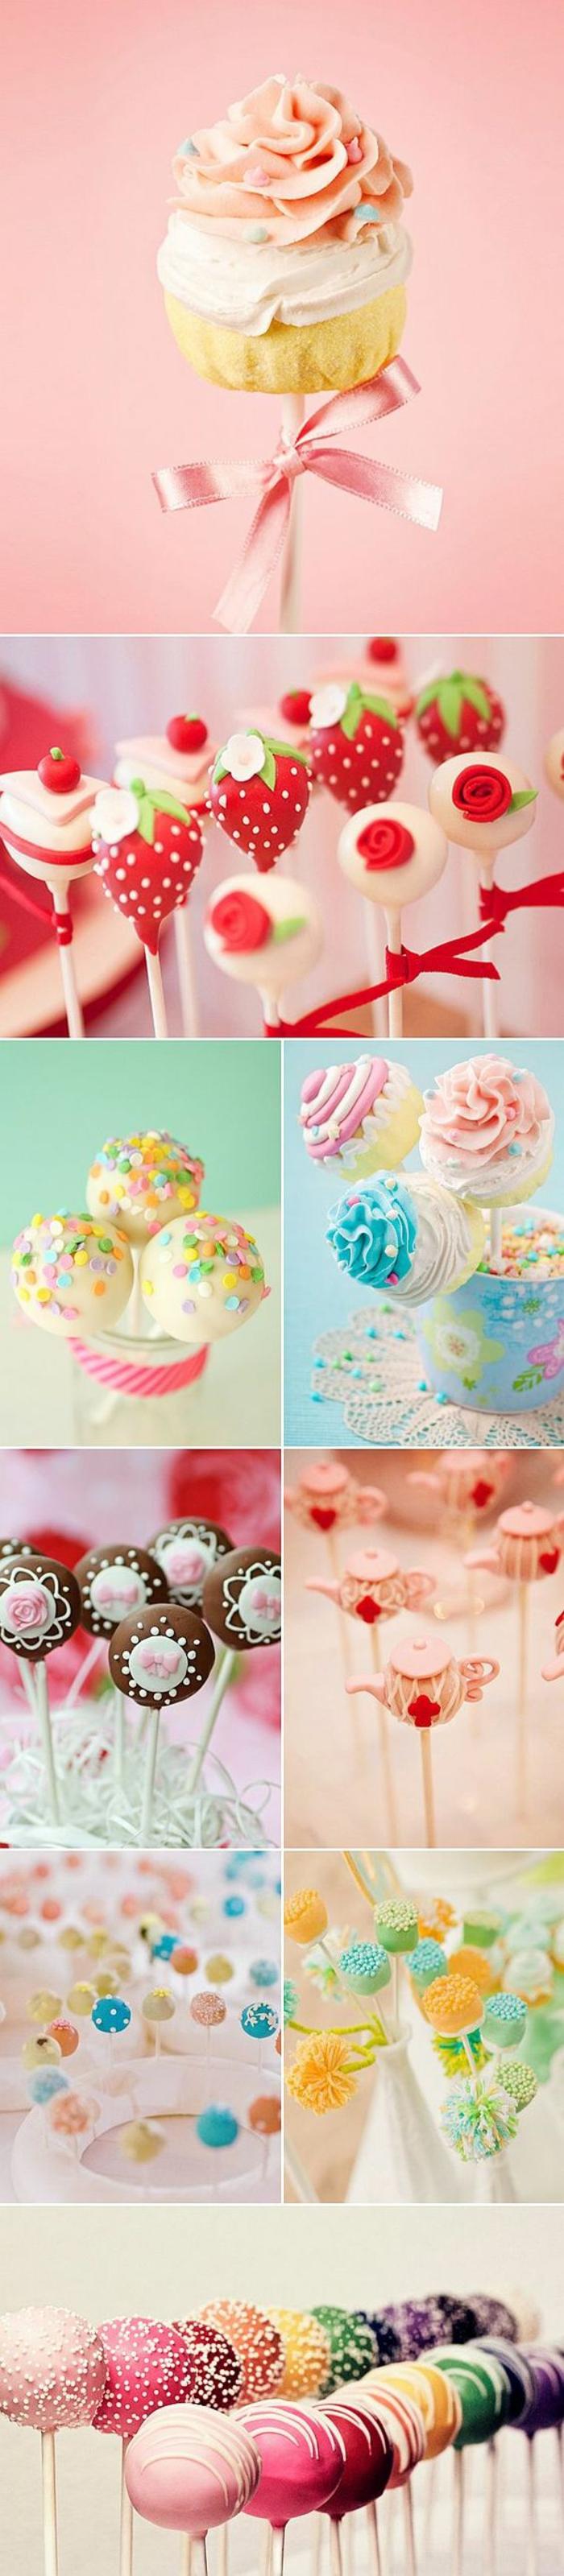 cake pops rezepte, kuchenbällchen mit fondant und sahne dekorieren